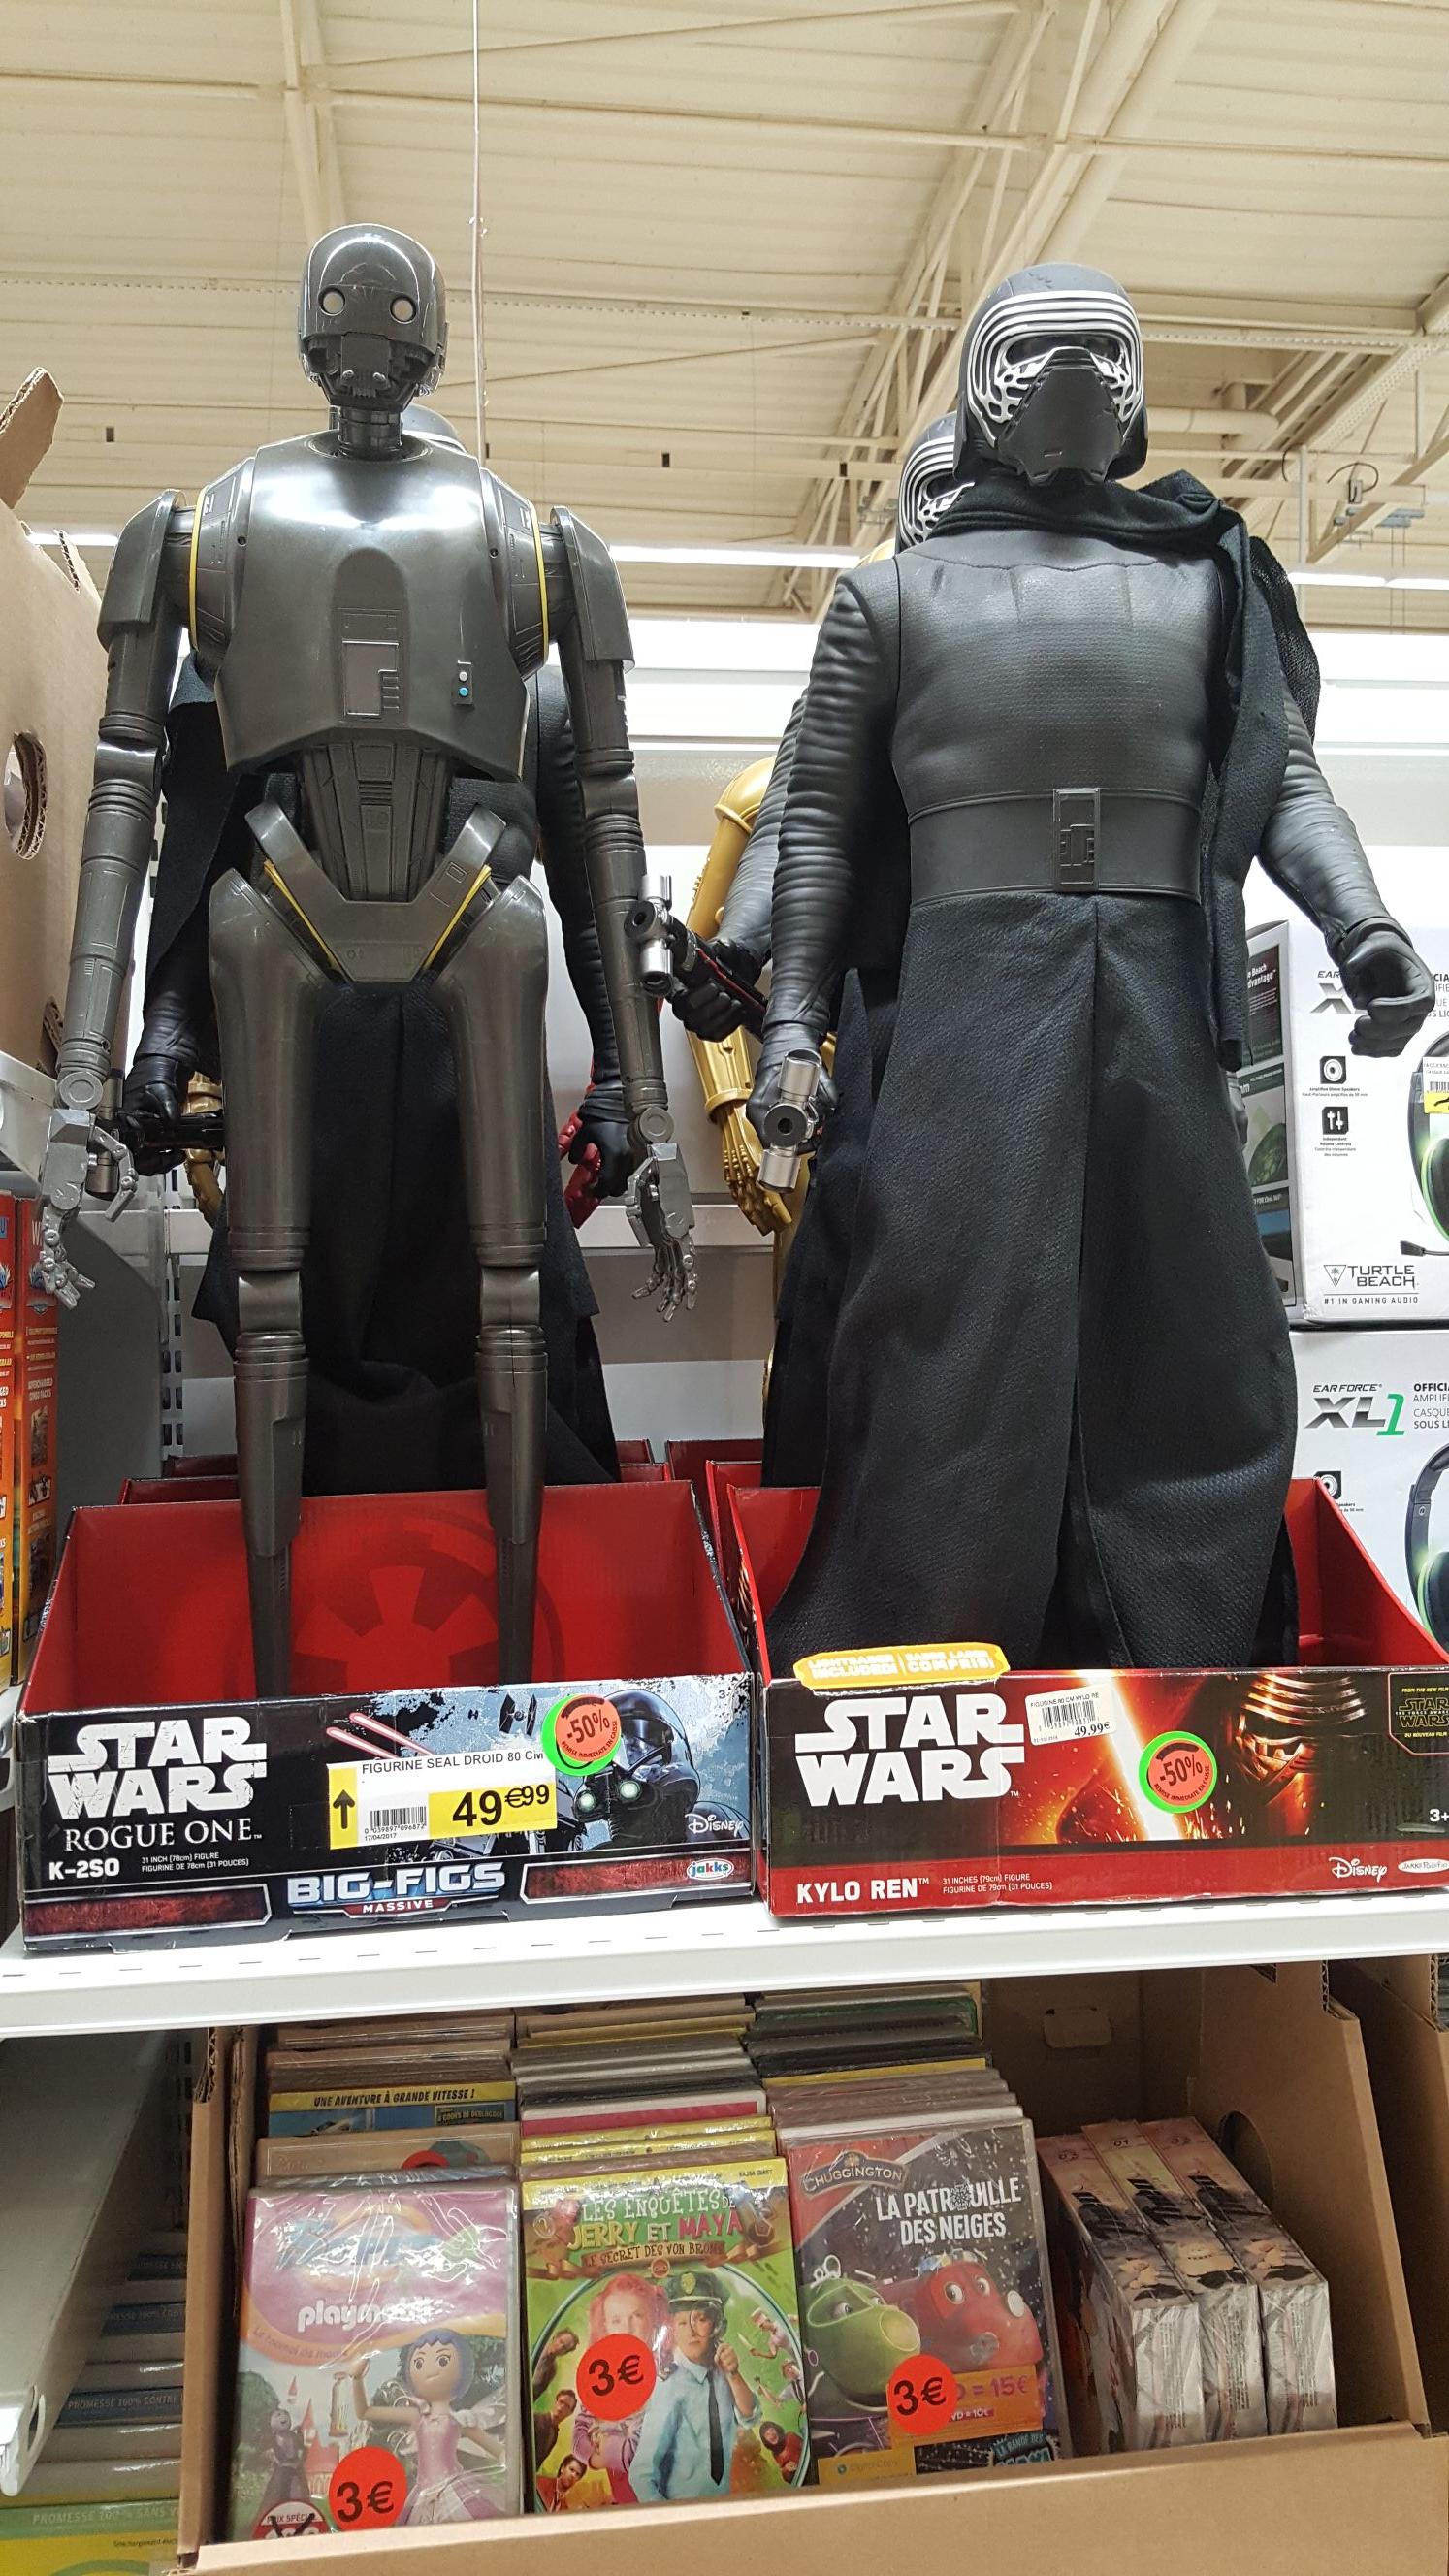 50% de réduction sur les Figurines Star Wars - Ex : Kylo Ren, C3PO ou K2S0 (78 cm) - Saint-Jouan-des-Guérets (35)